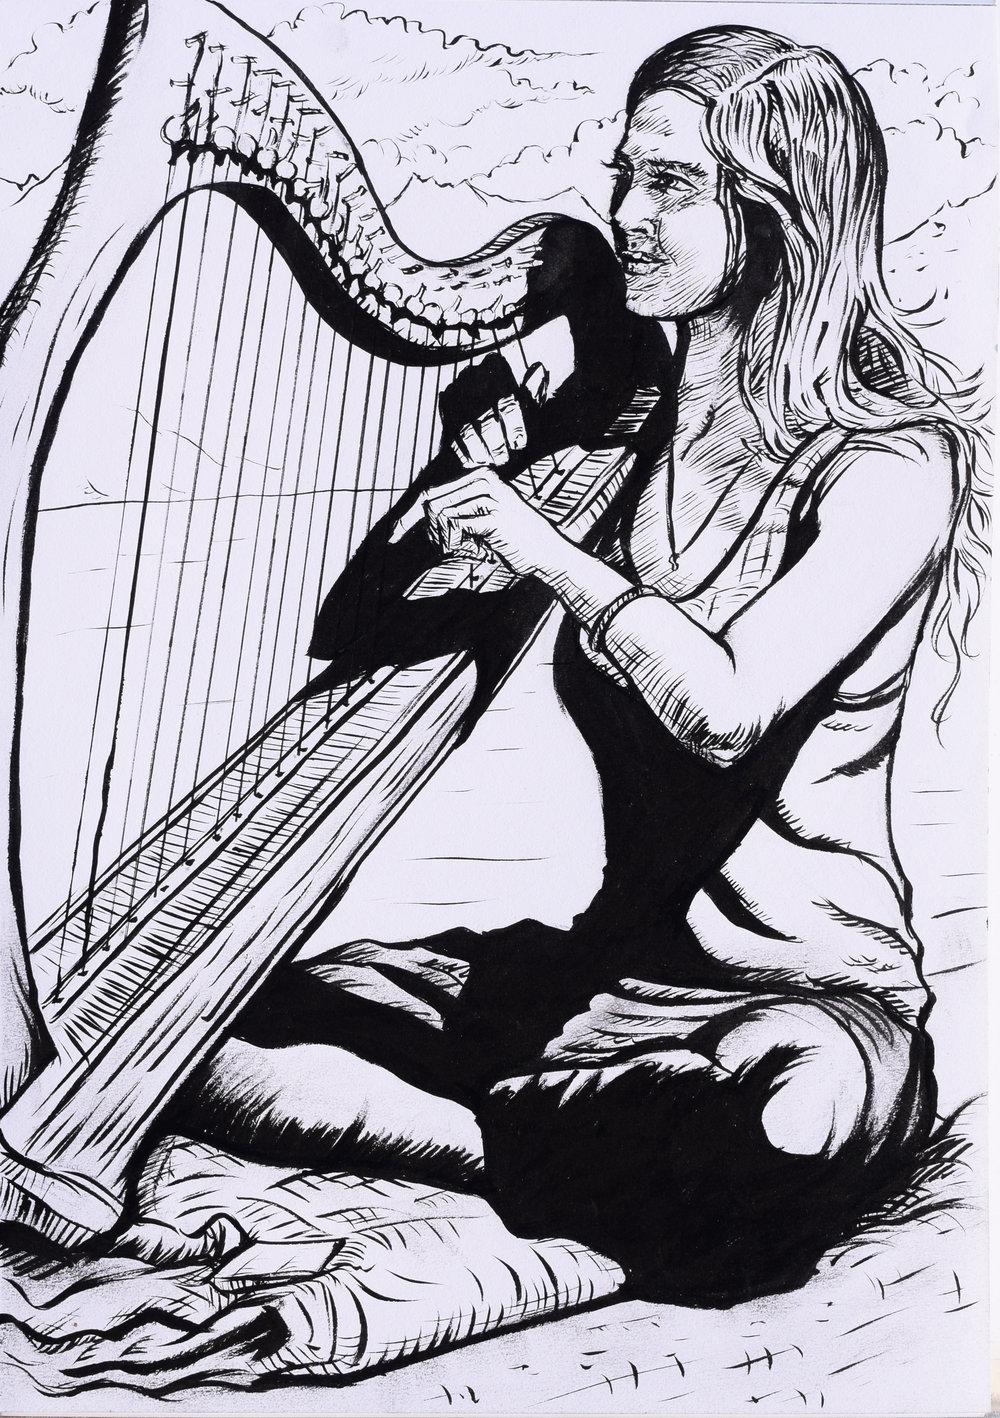 'The Harpest' - robbieallenart